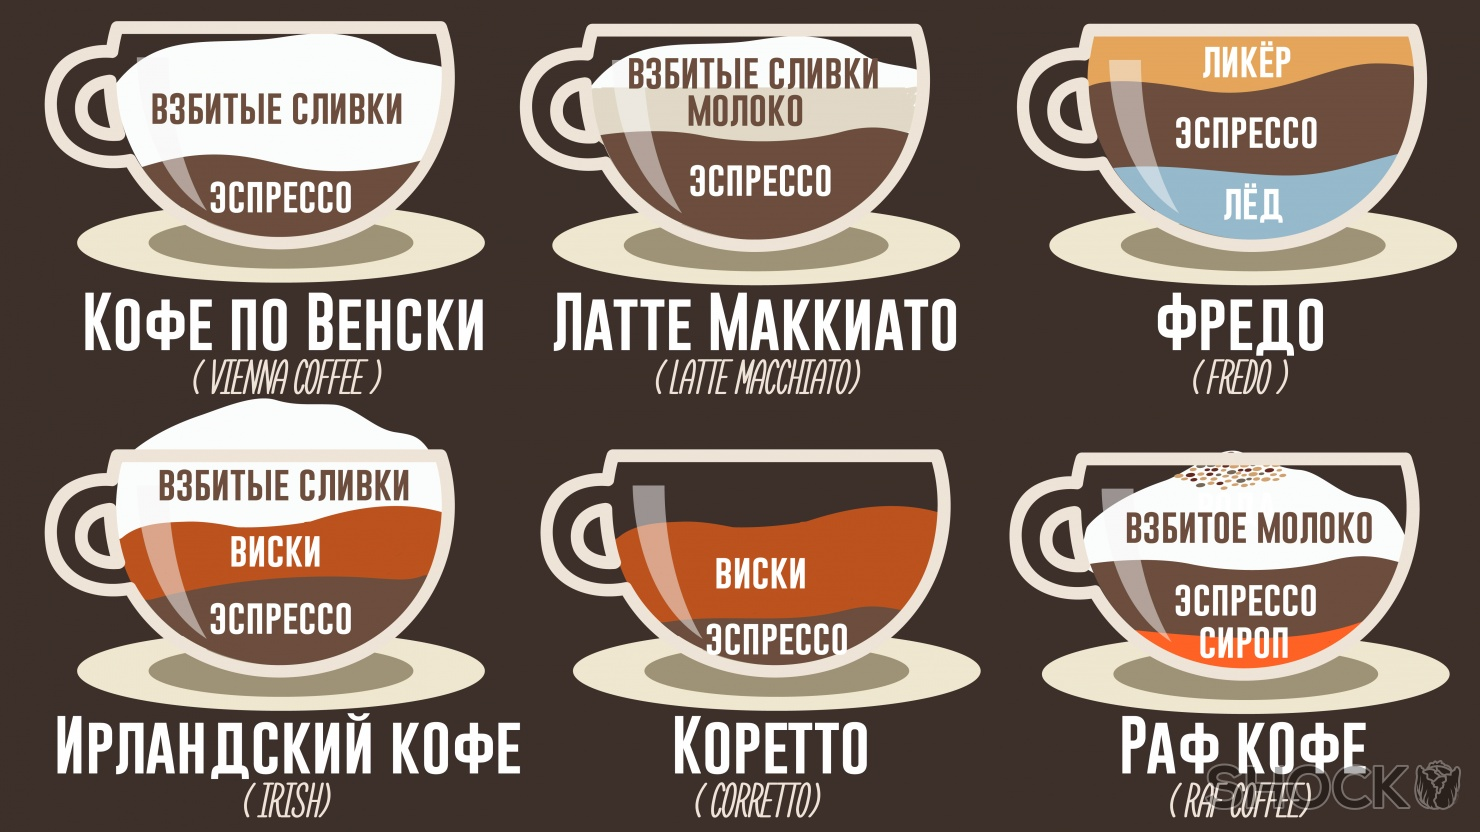 Раф кофе: лучшие рецепты раф кофе в кофемашине